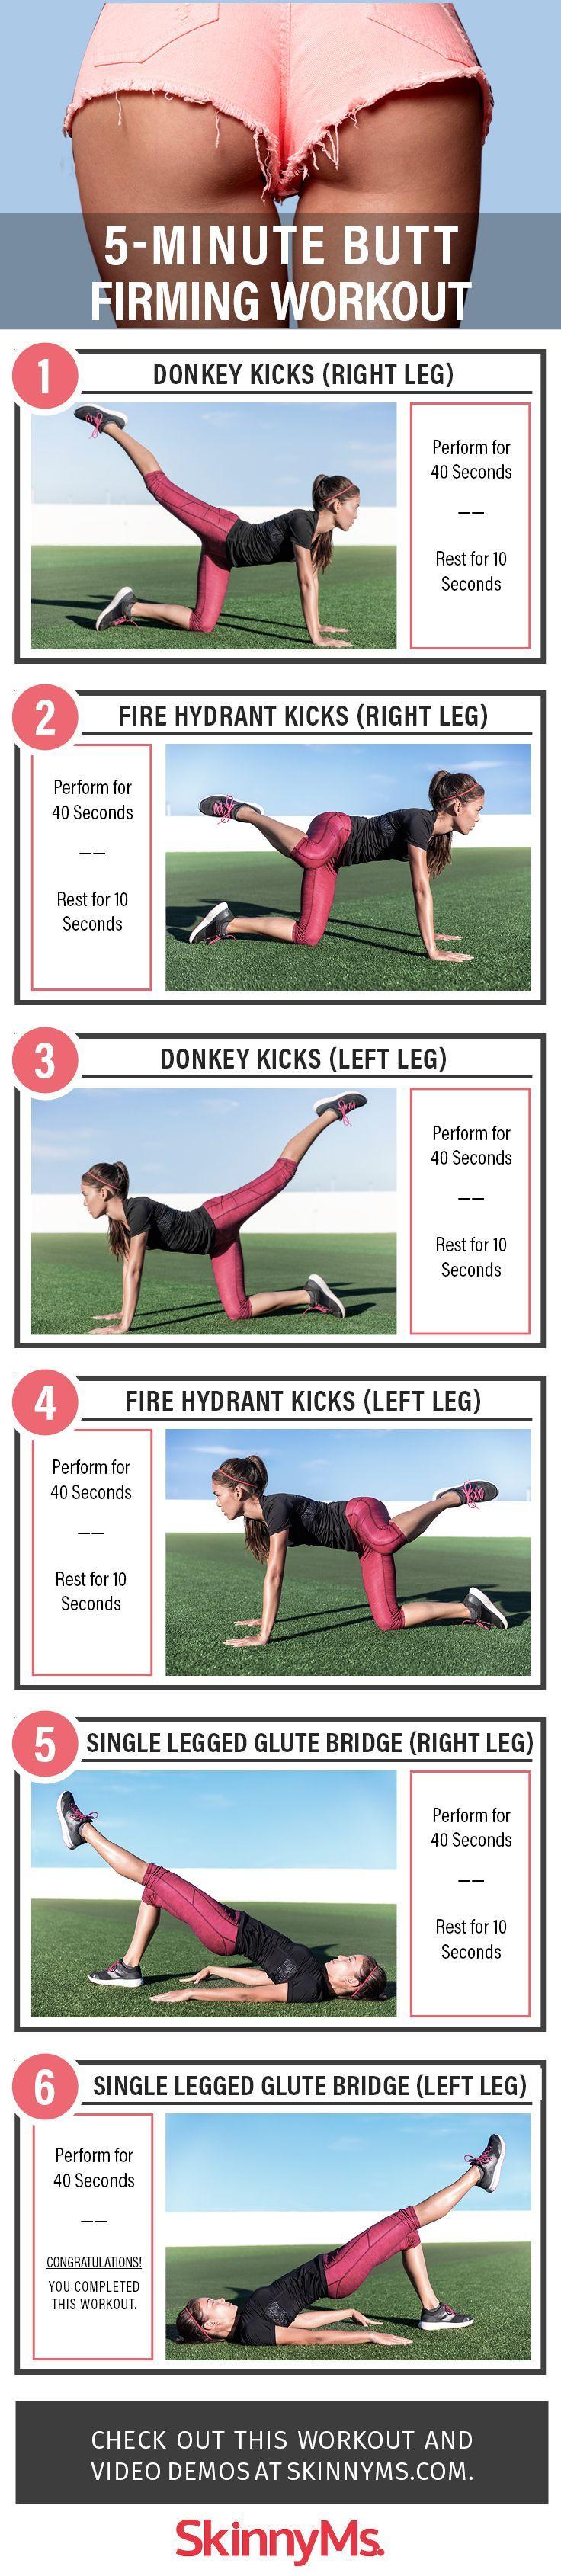 5-Minute Butt Firming Workout